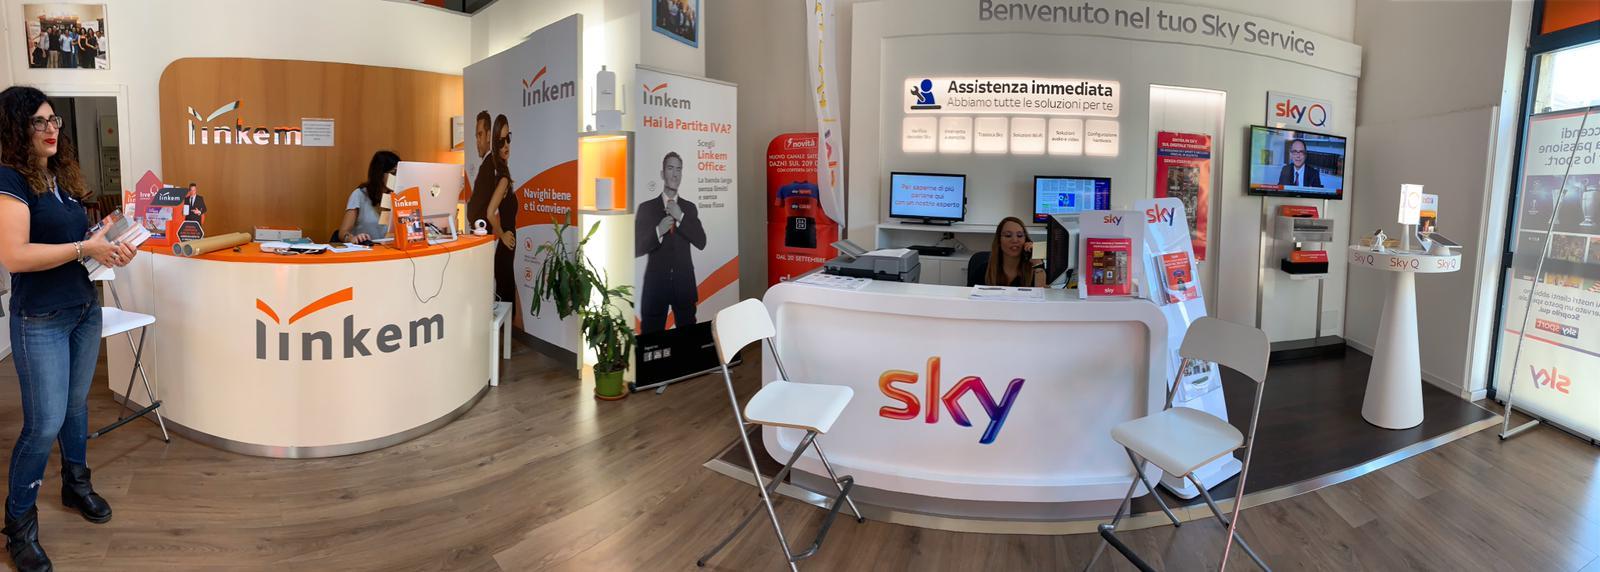 Sky wifi a Catania